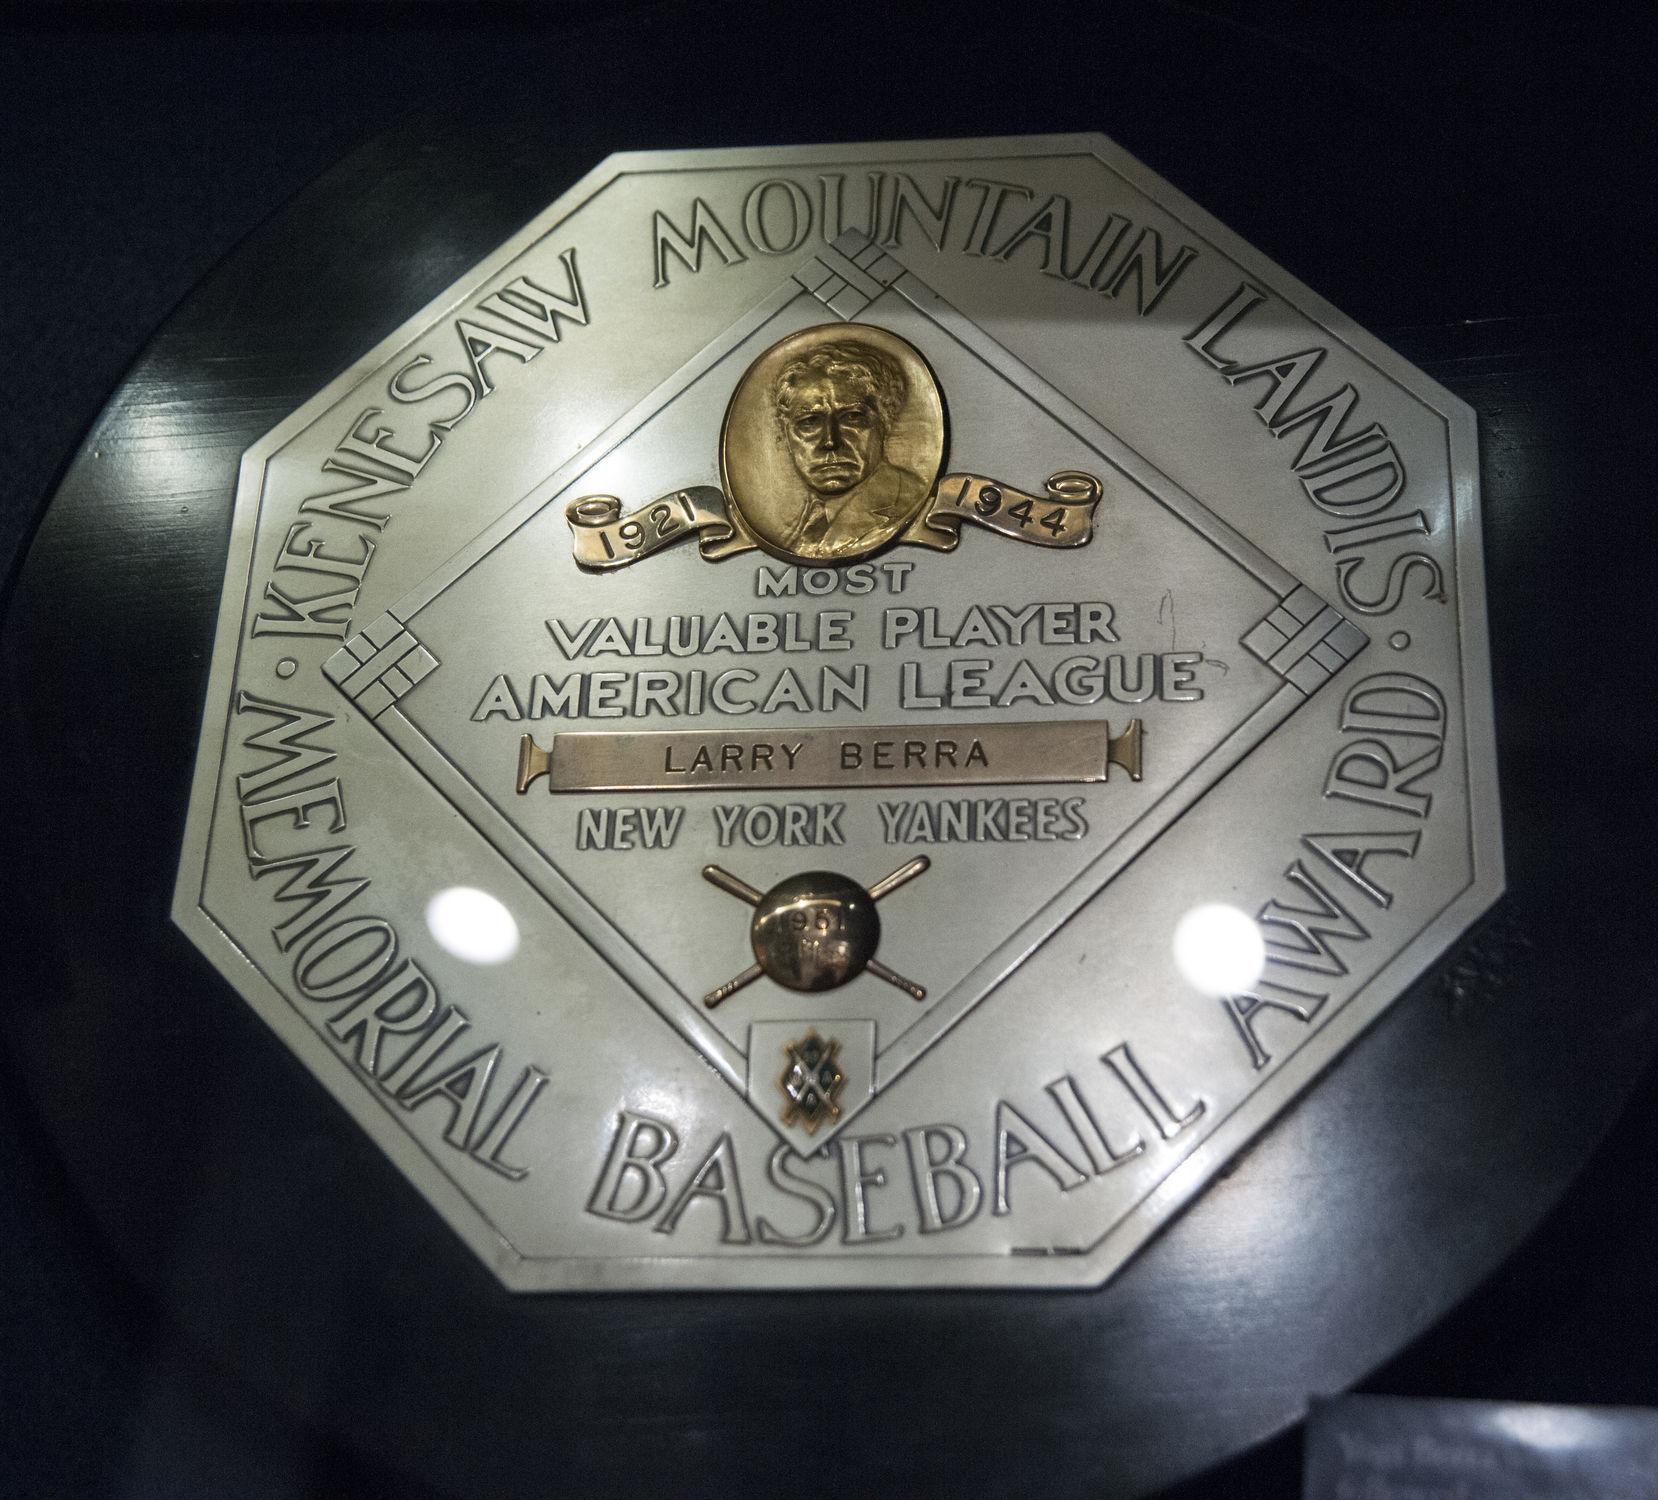 Yogi Berra Donated His 1951 AL MVP Award